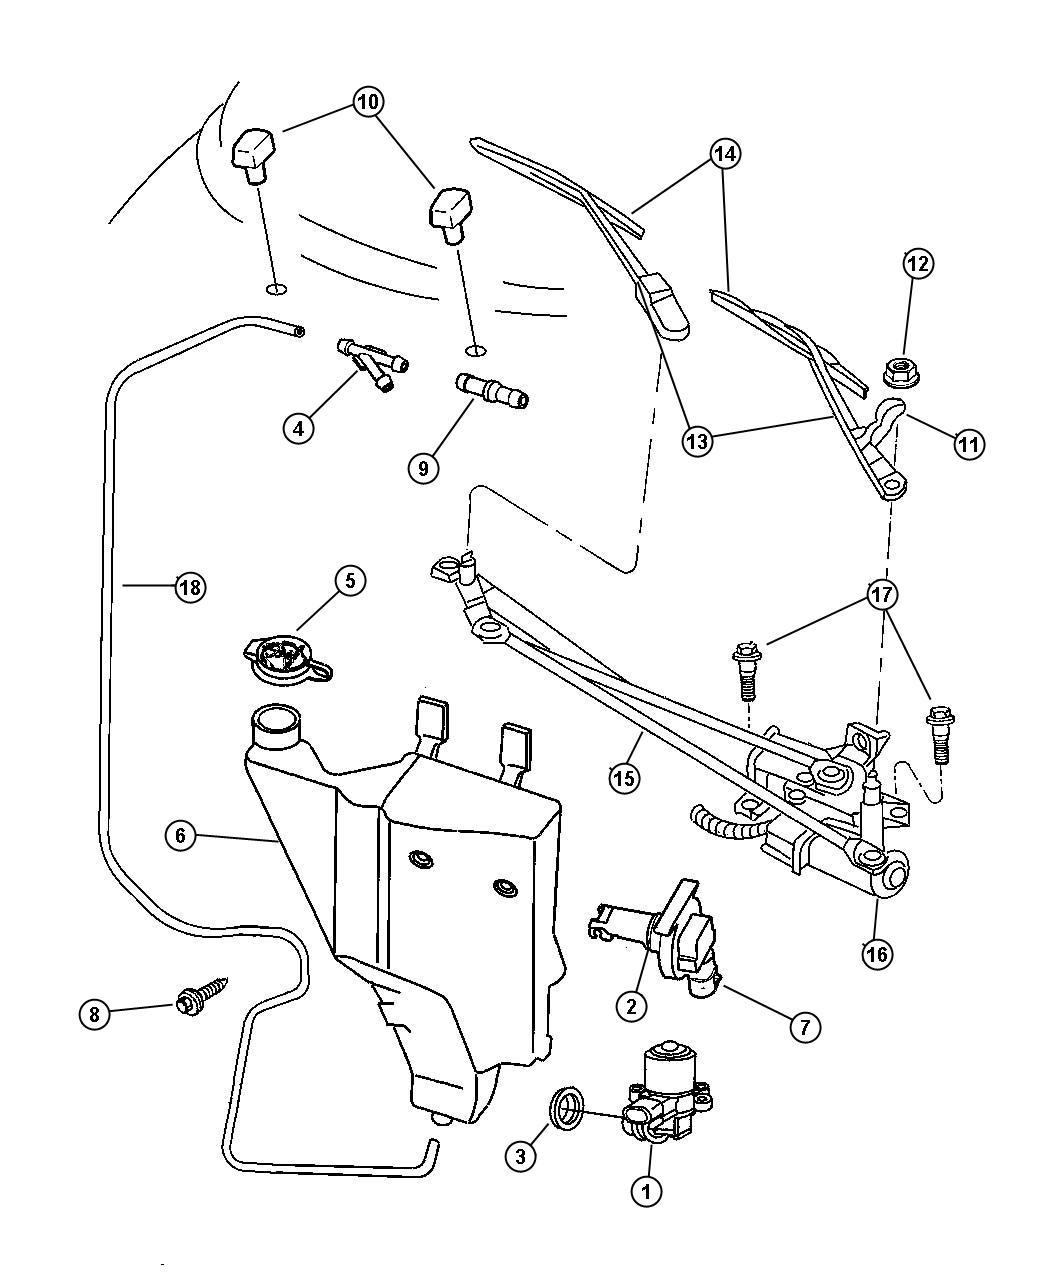 2013 Dodge Avenger Grommet. Washer reservoir. 19mm id